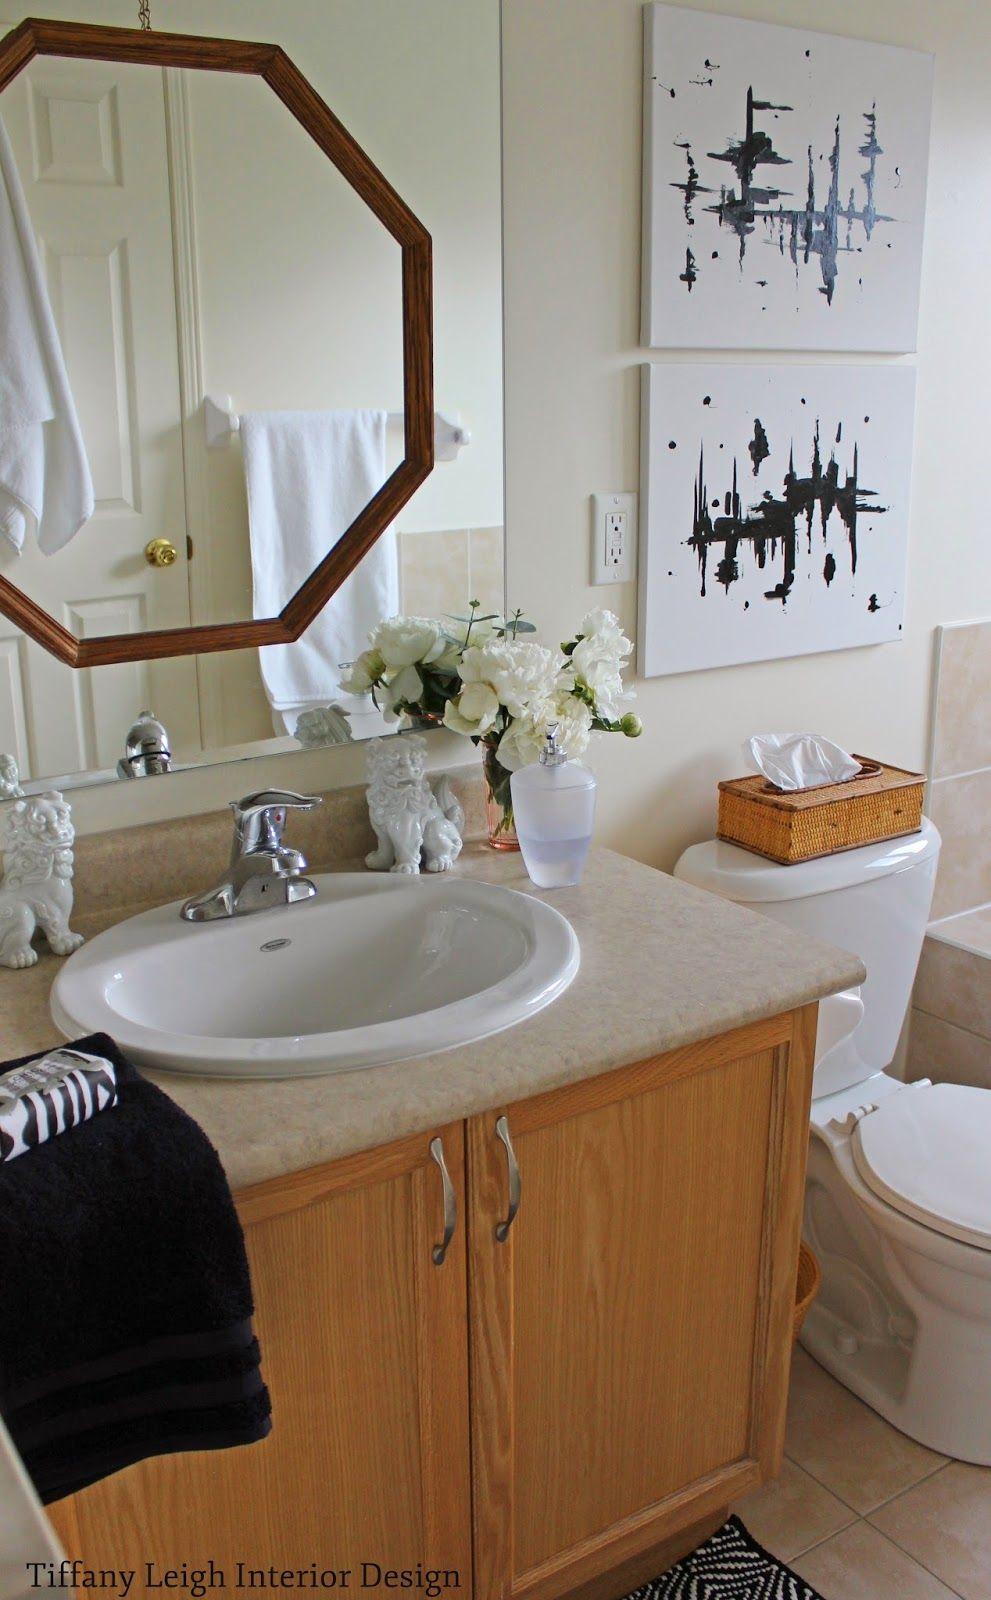 Tiffany Leigh Interior Design Update A Basic Beige Builder's